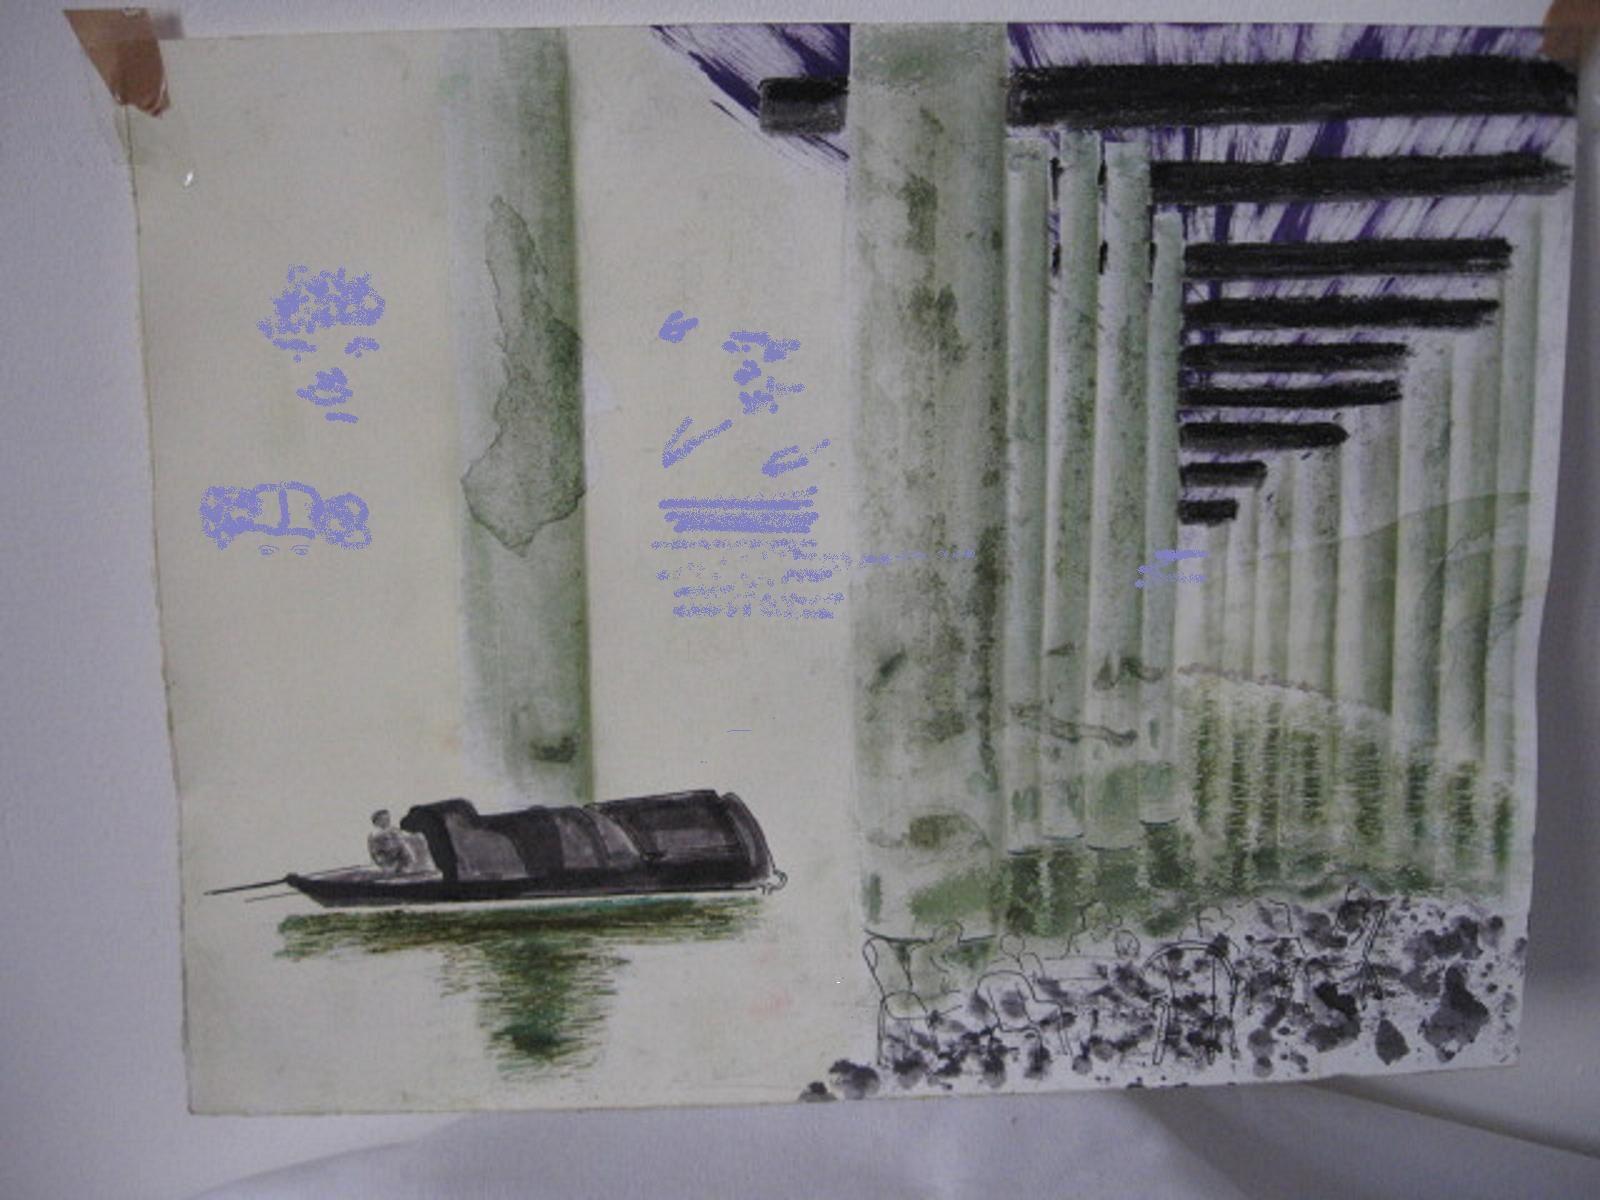 Vous pouvez acheter les peintures et dessins via ce blog mais aussi sur le site www.galerie-creation.com/